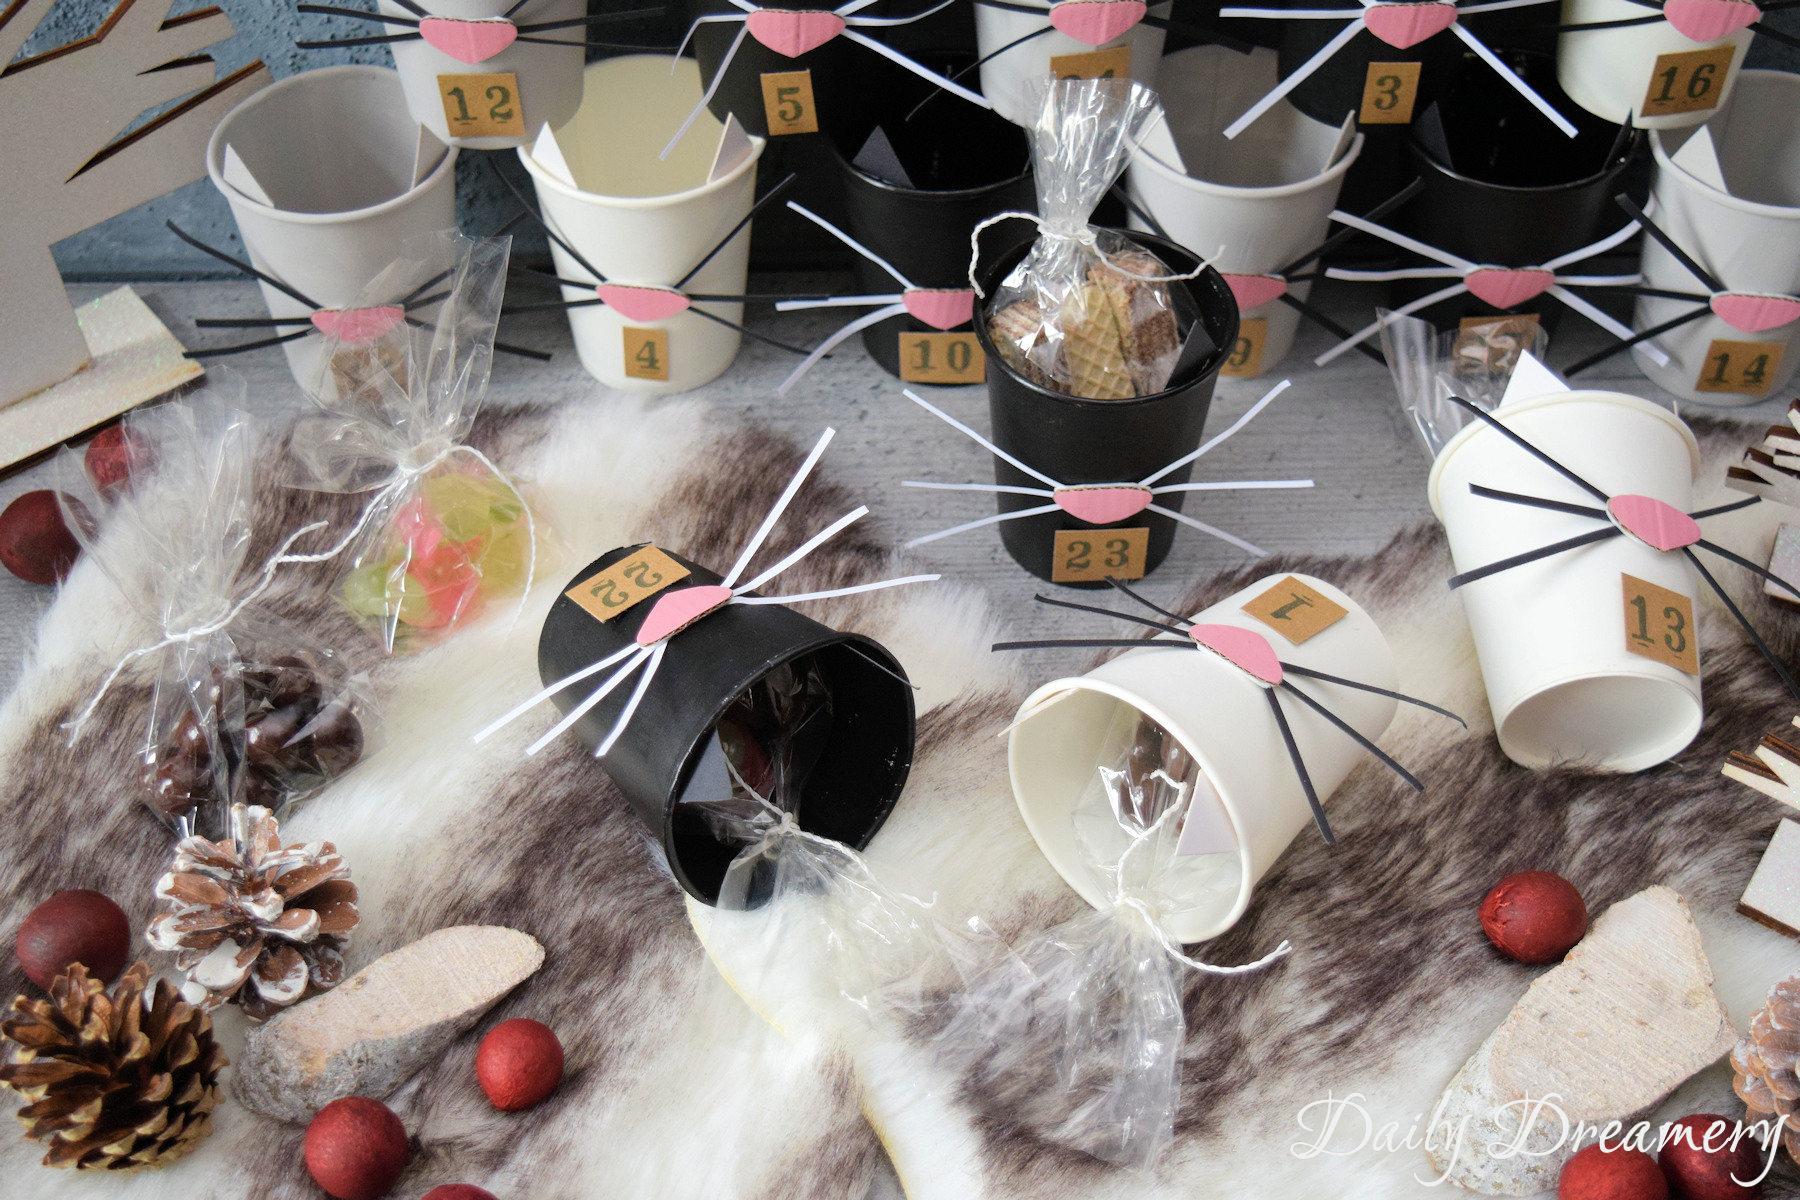 oberniedlicher DIY Katzen-Adventskalender - nicht nur für Katzenfans #diy #adventskalender #katze